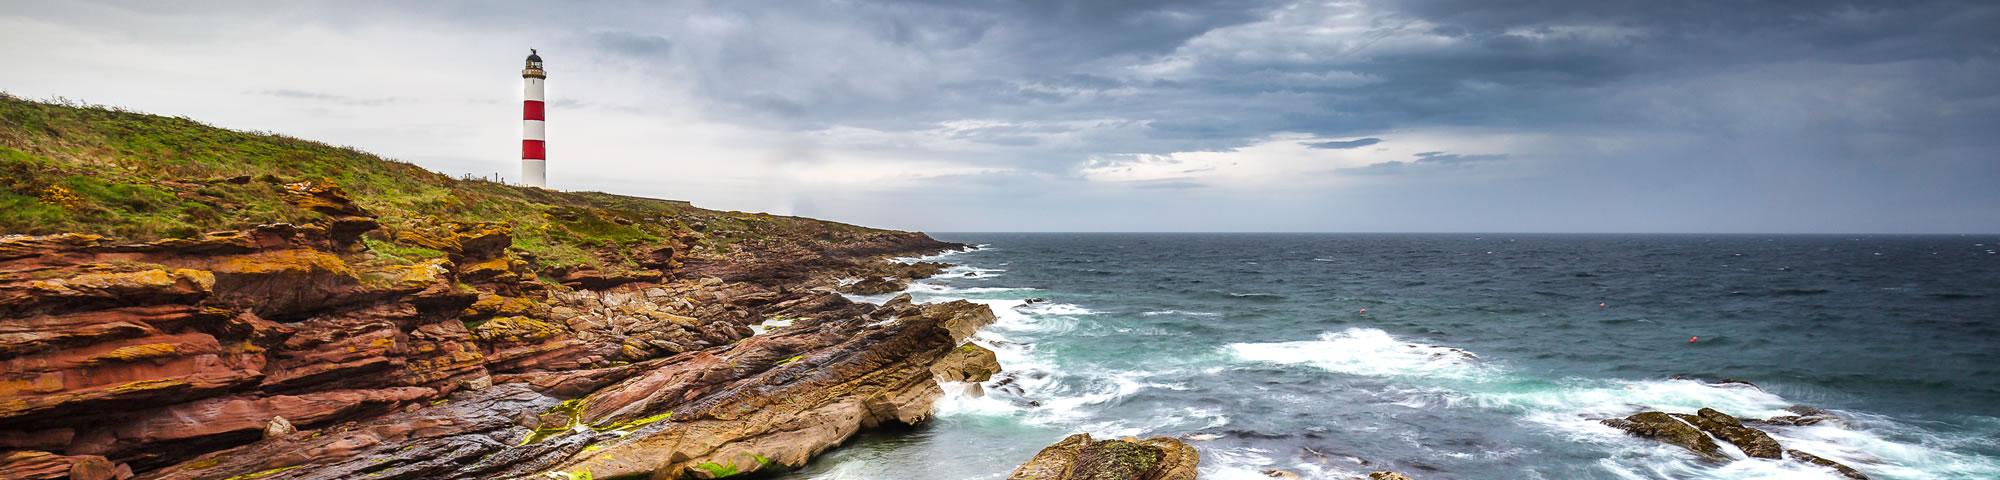 Tarbat Ness Lighthouse near Easter Ross